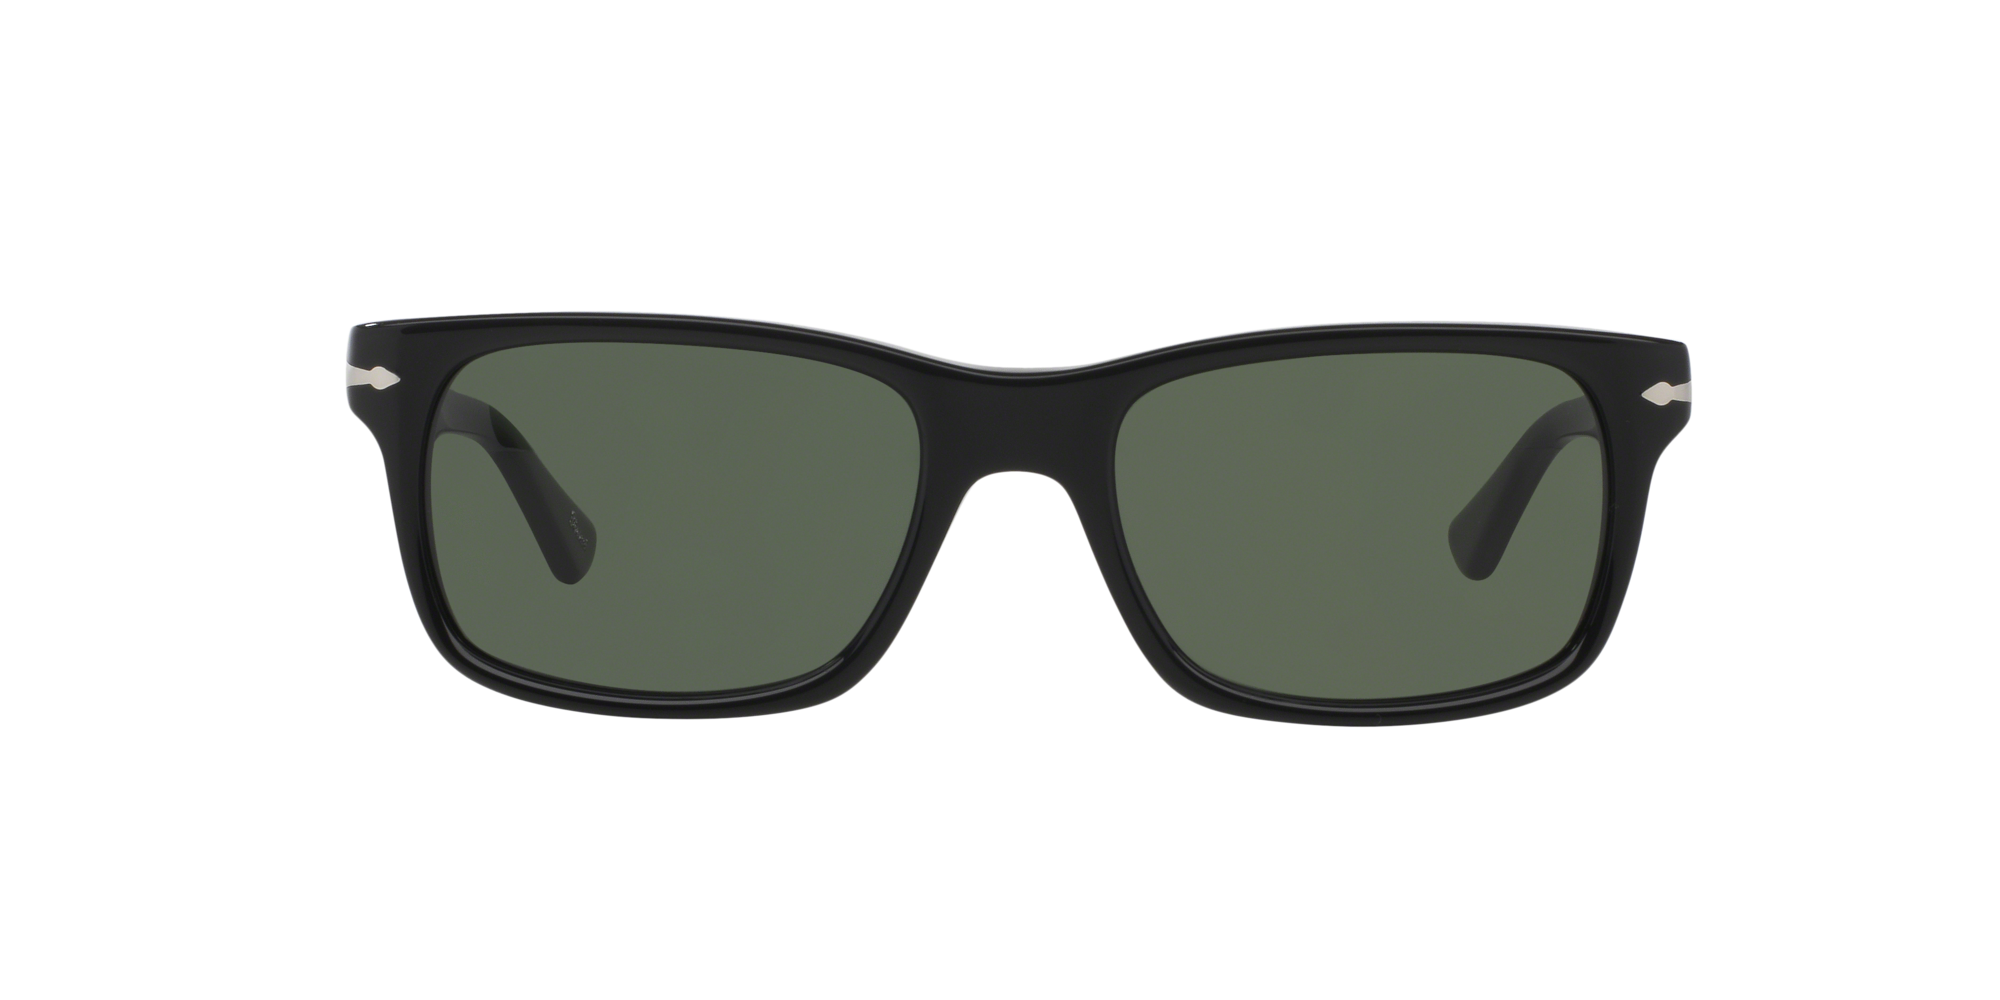 Imagen para PO3048S 58 de LensCrafters    Espejuelos, espejuelos graduados en línea, gafas